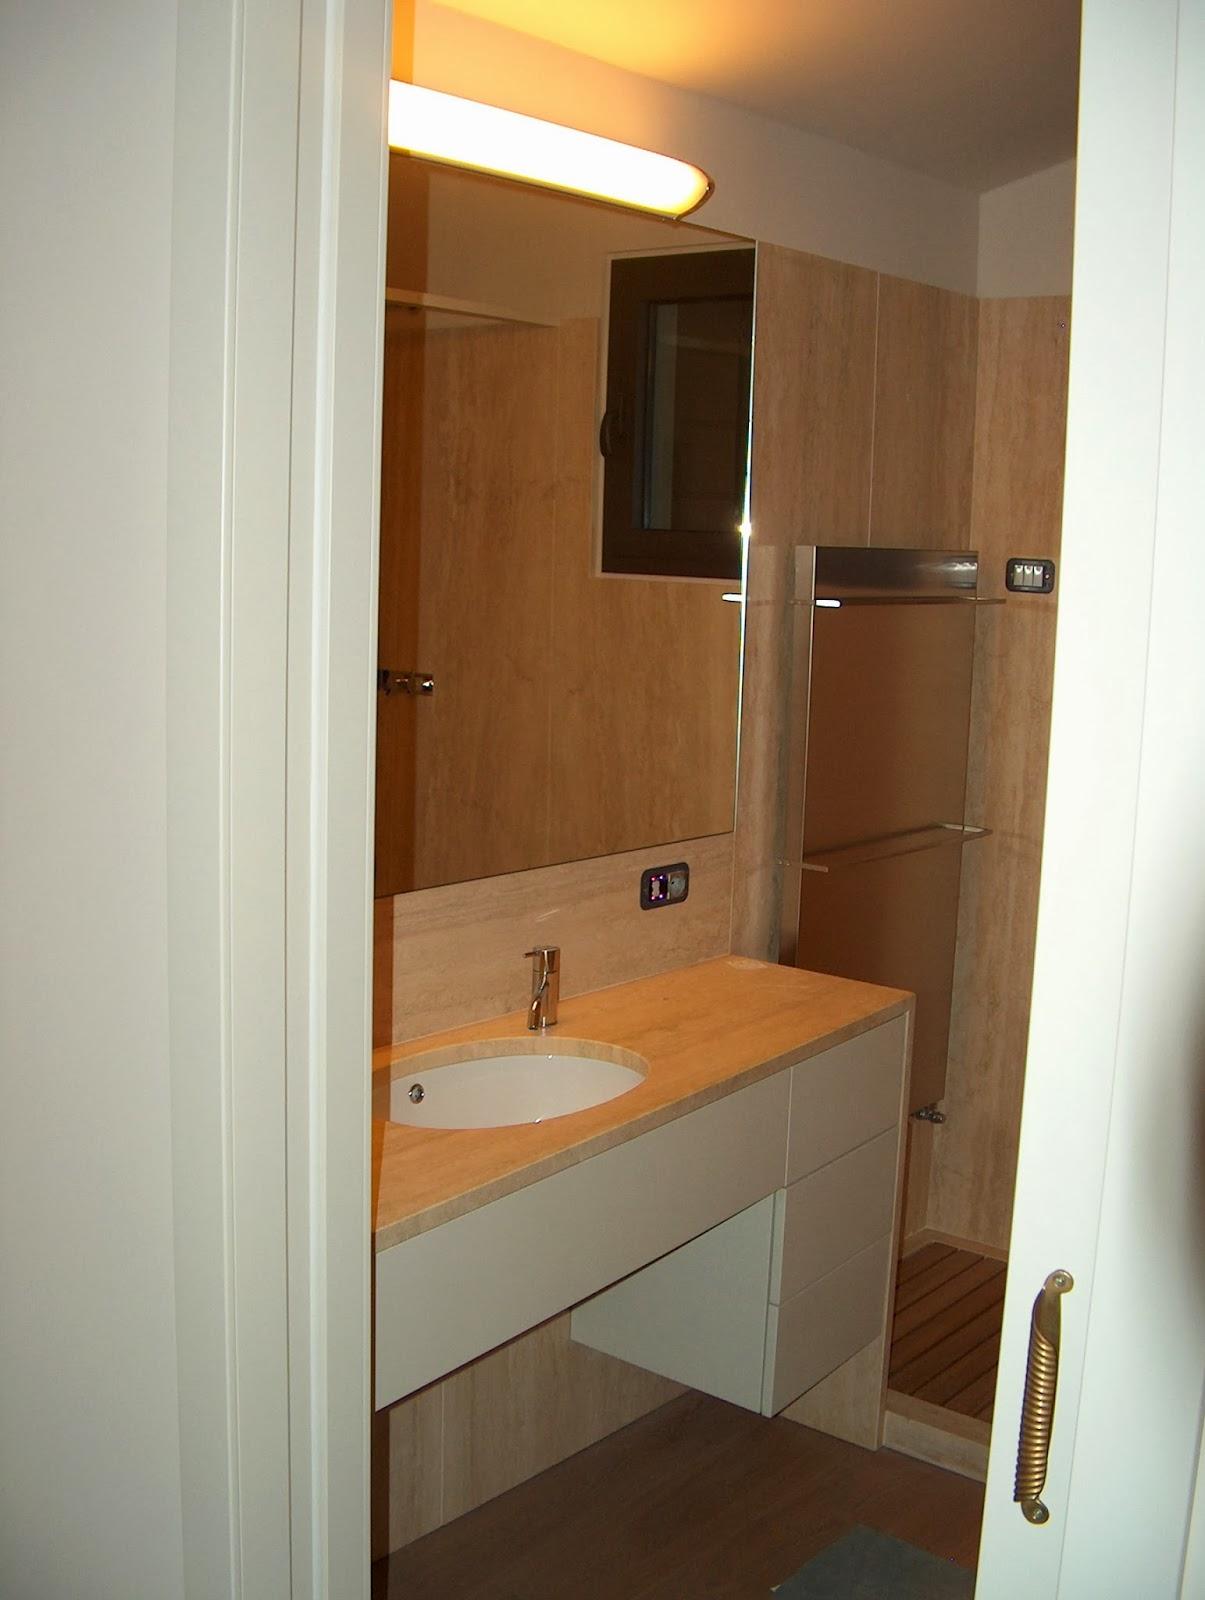 Arredamento su misura mobile bagno laccato bianco - Mobile asciugamani bagno ...